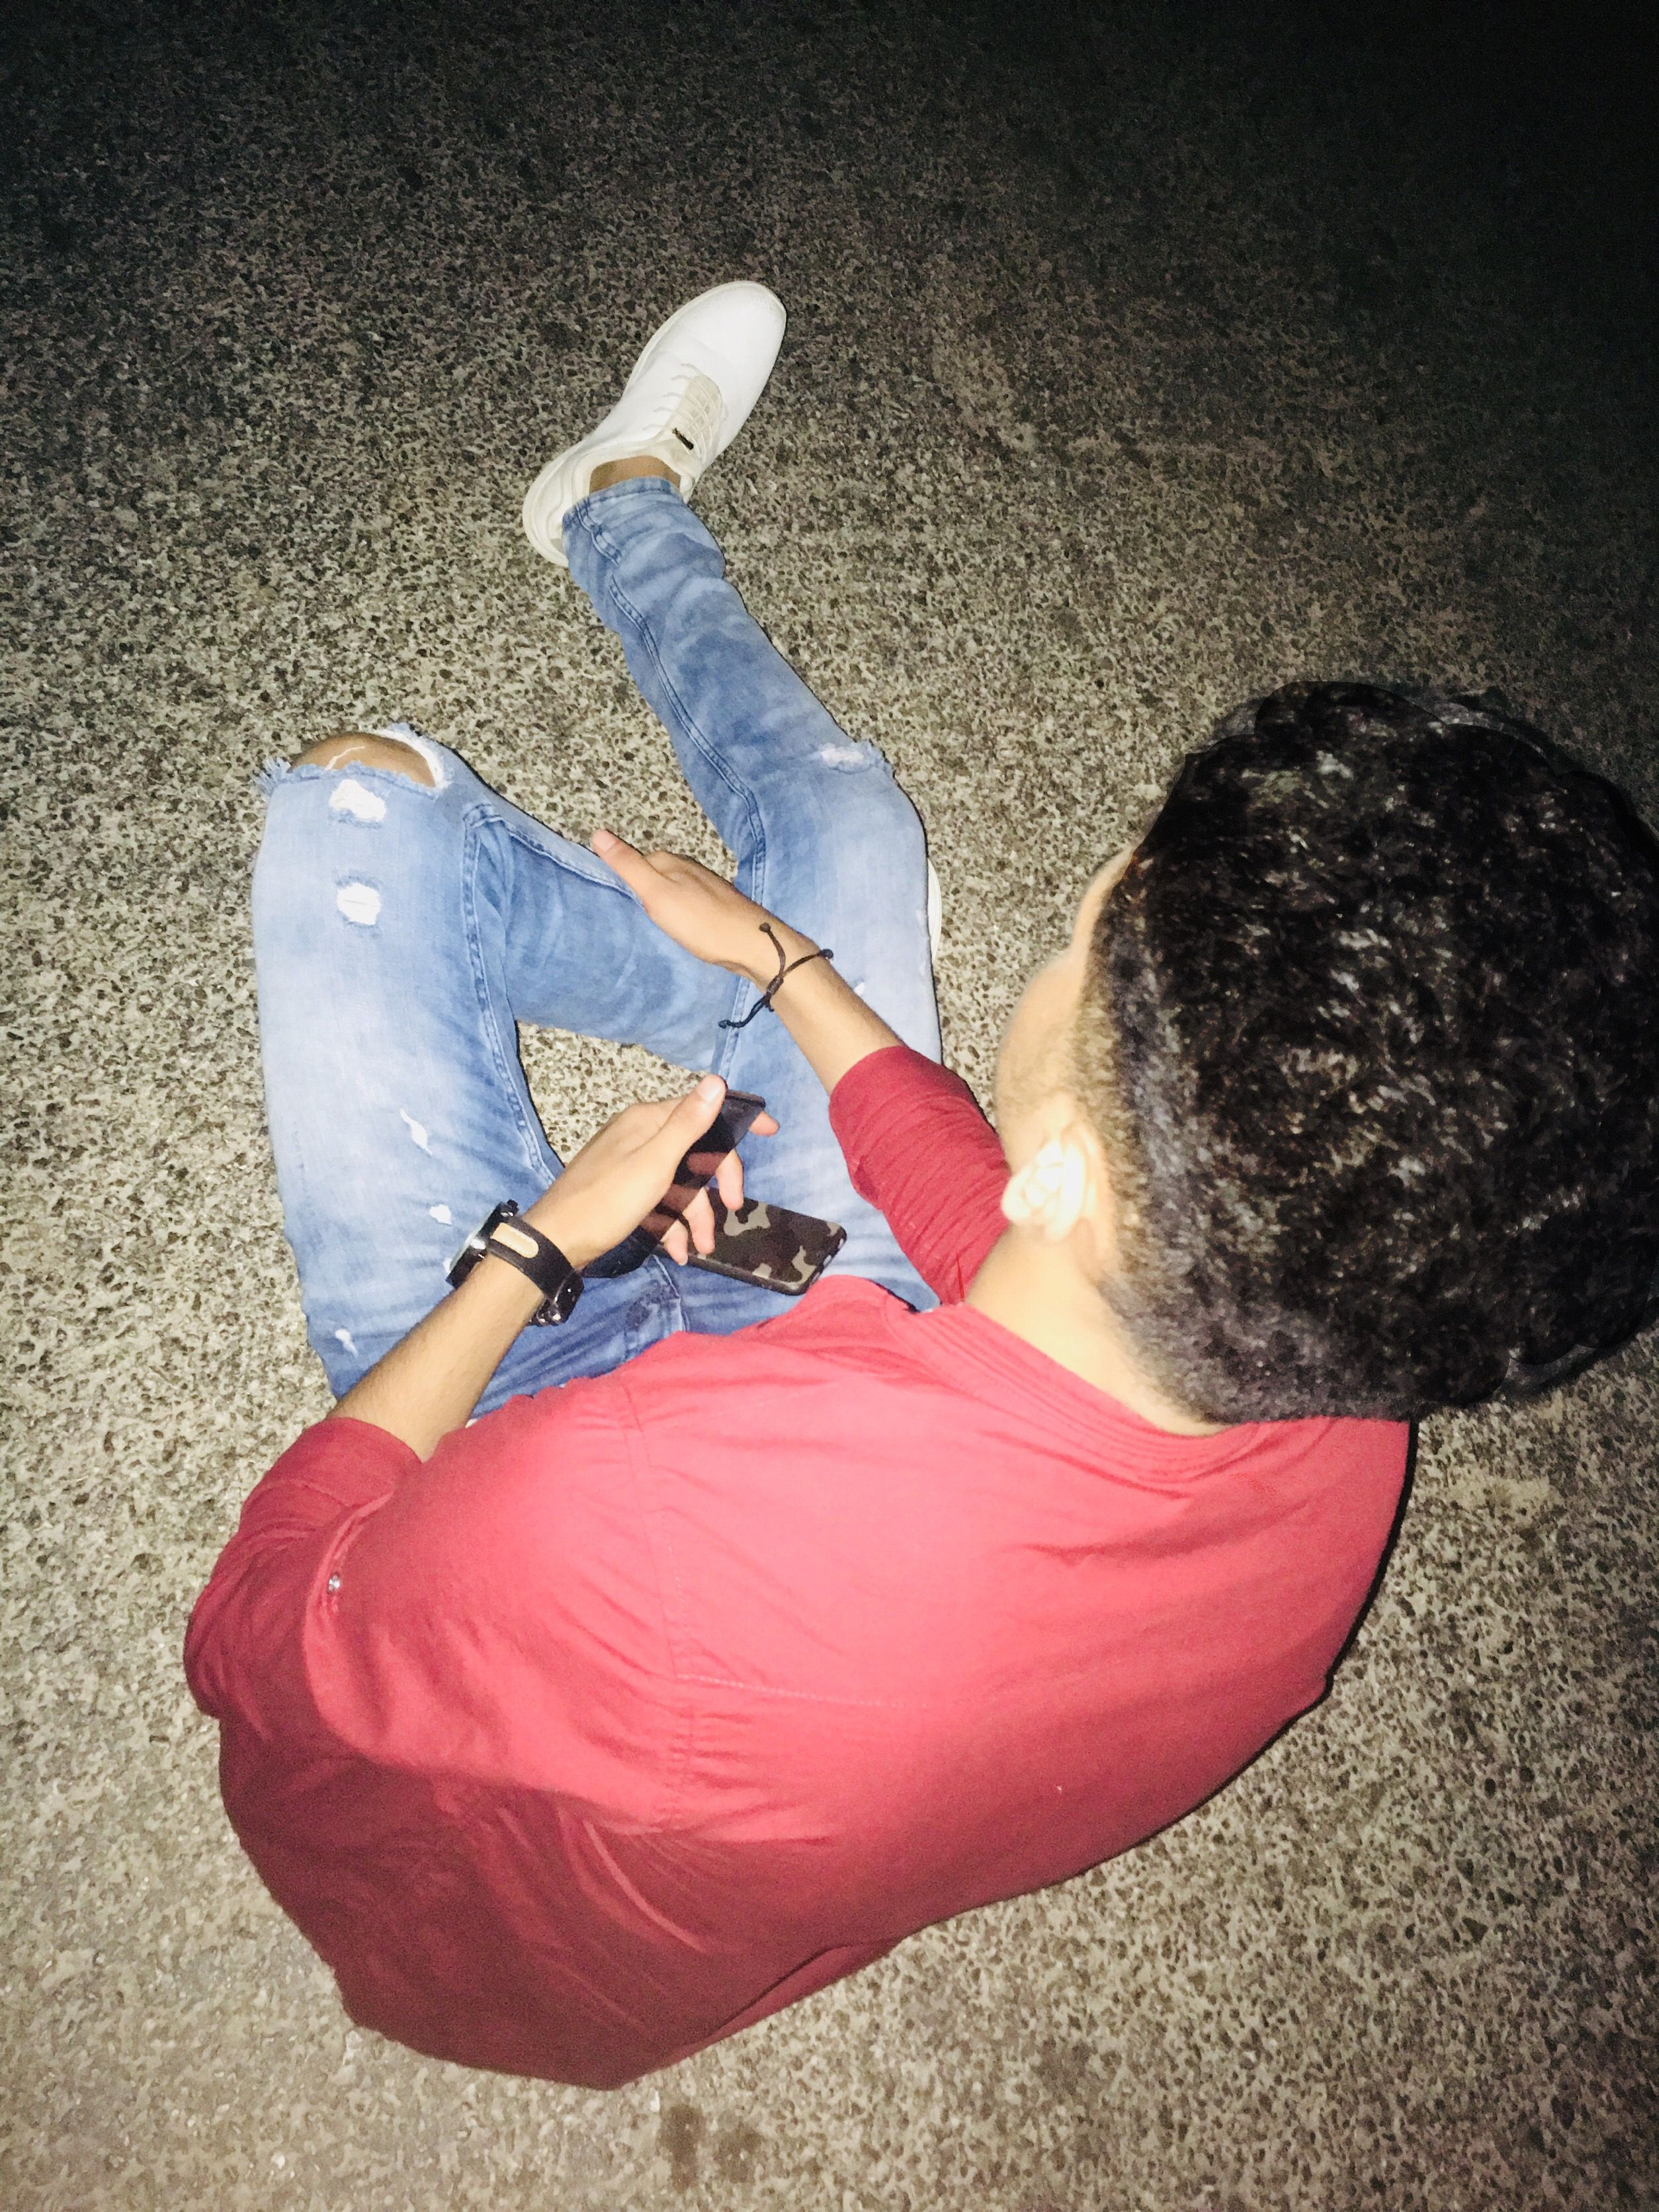 عمادو المجنون E76 M Instagram Photos And Videos M Instagram Photos Tumblr Instagram